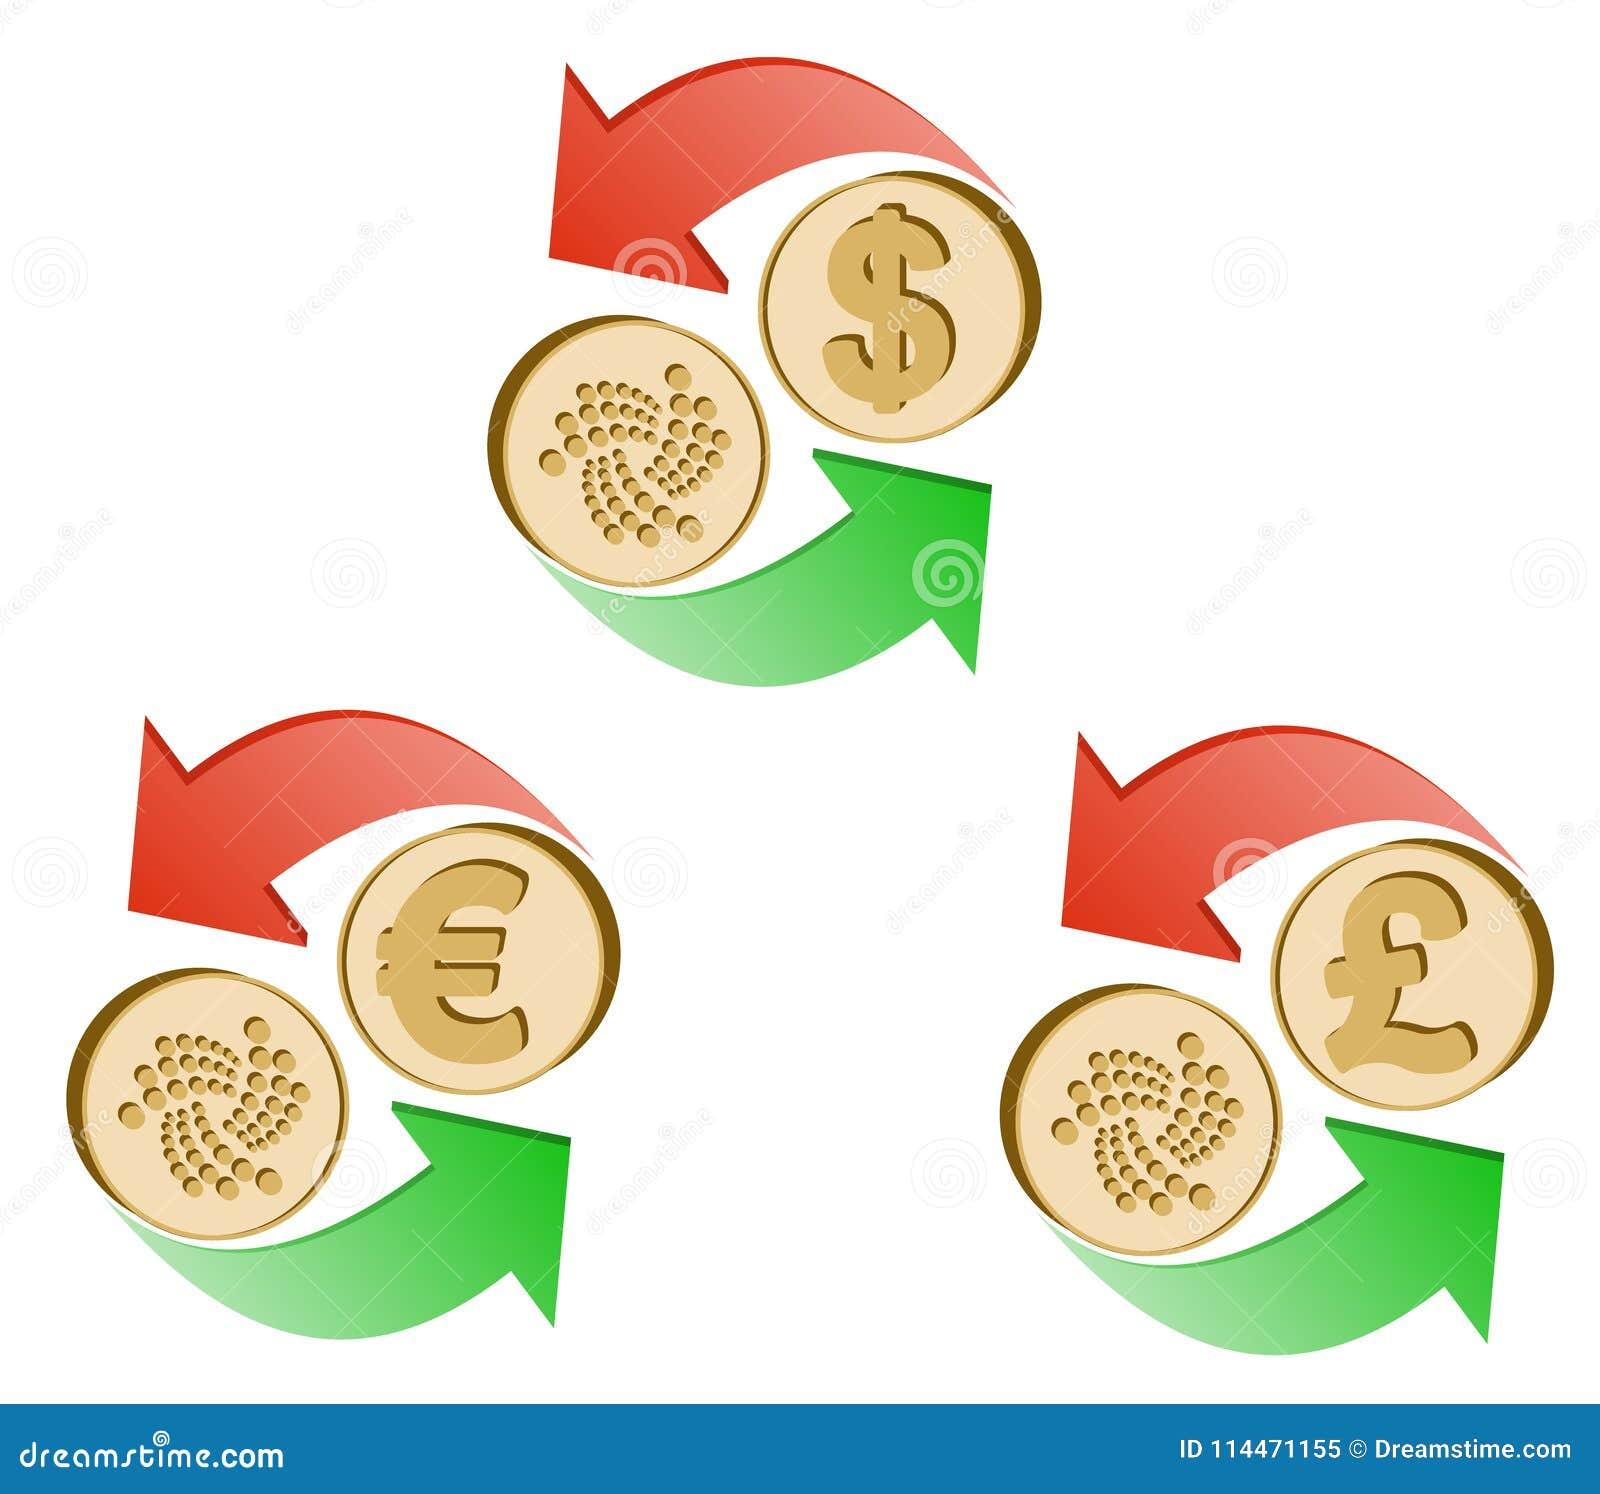 Обменяйте iota к доллару, евро и английскому фунту